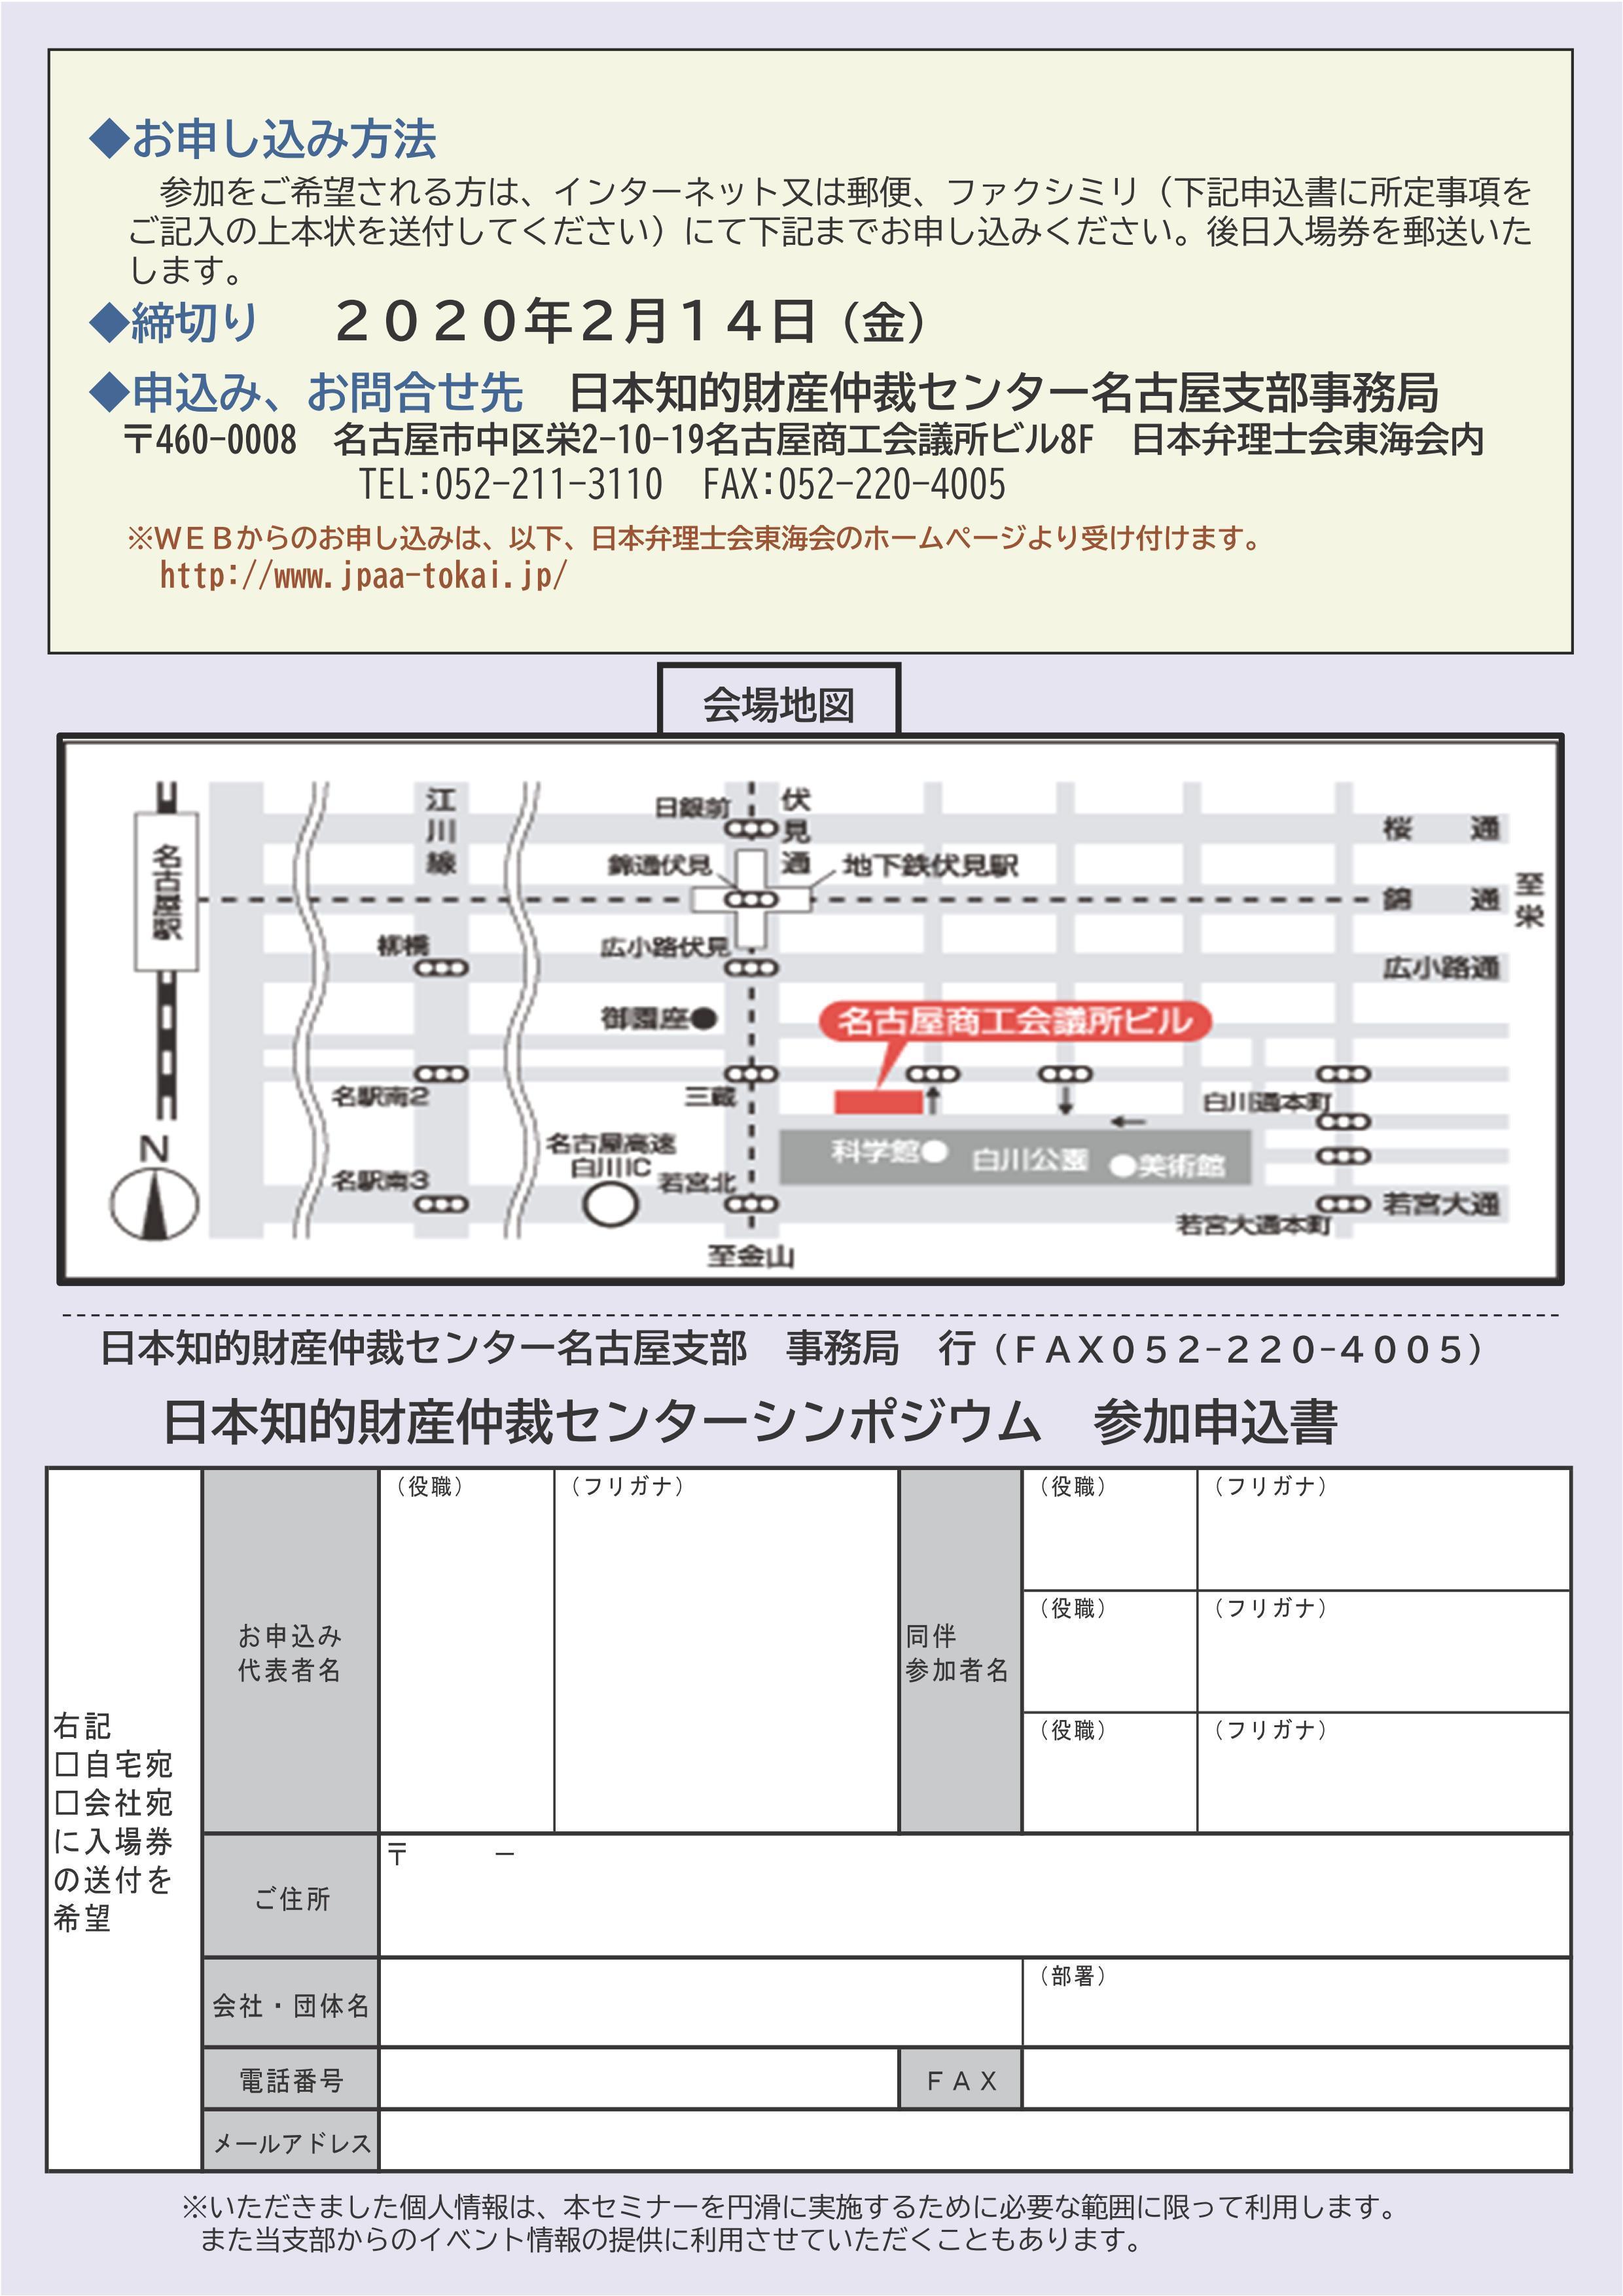 R1仲裁センター名古屋支部シンポチラシ002.jpg